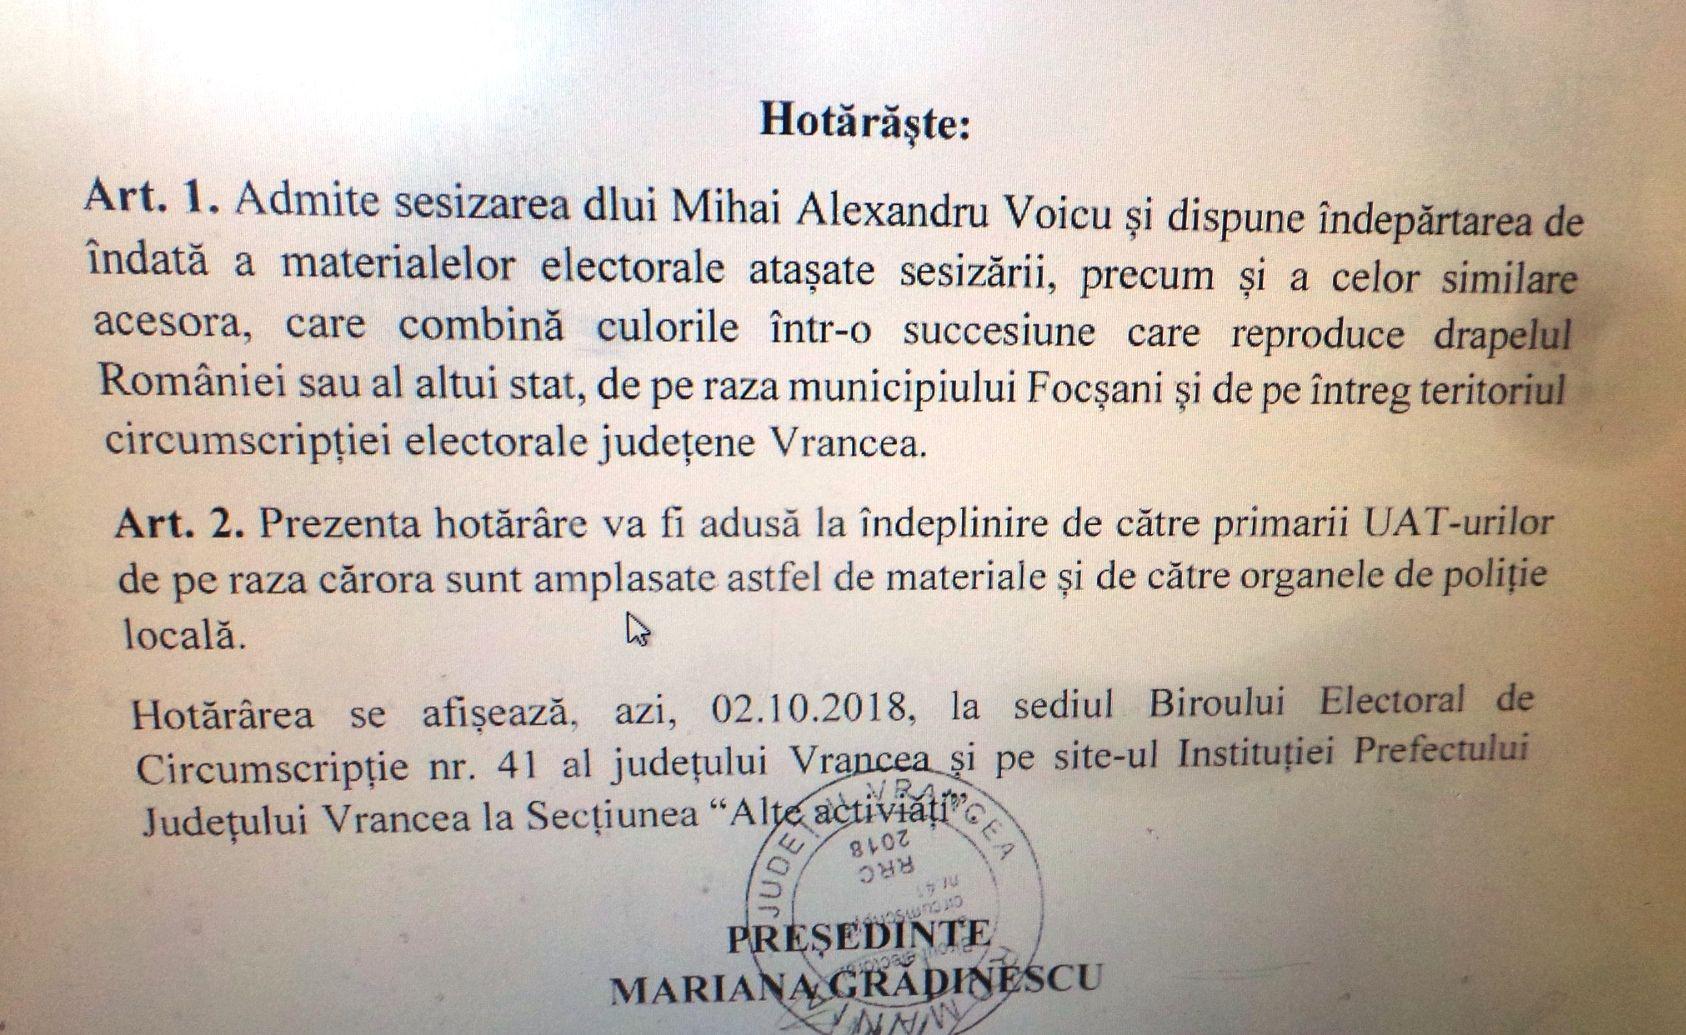 Bannerele pro-referendum vopsite în noaptea de miercuri spre joi, după ce BEJ Vrancea a pronunțat marți o hotărâre cu putere de lege, executorie, prin care menționa că ele trebuie demontate din toate locațiile din Focșani.